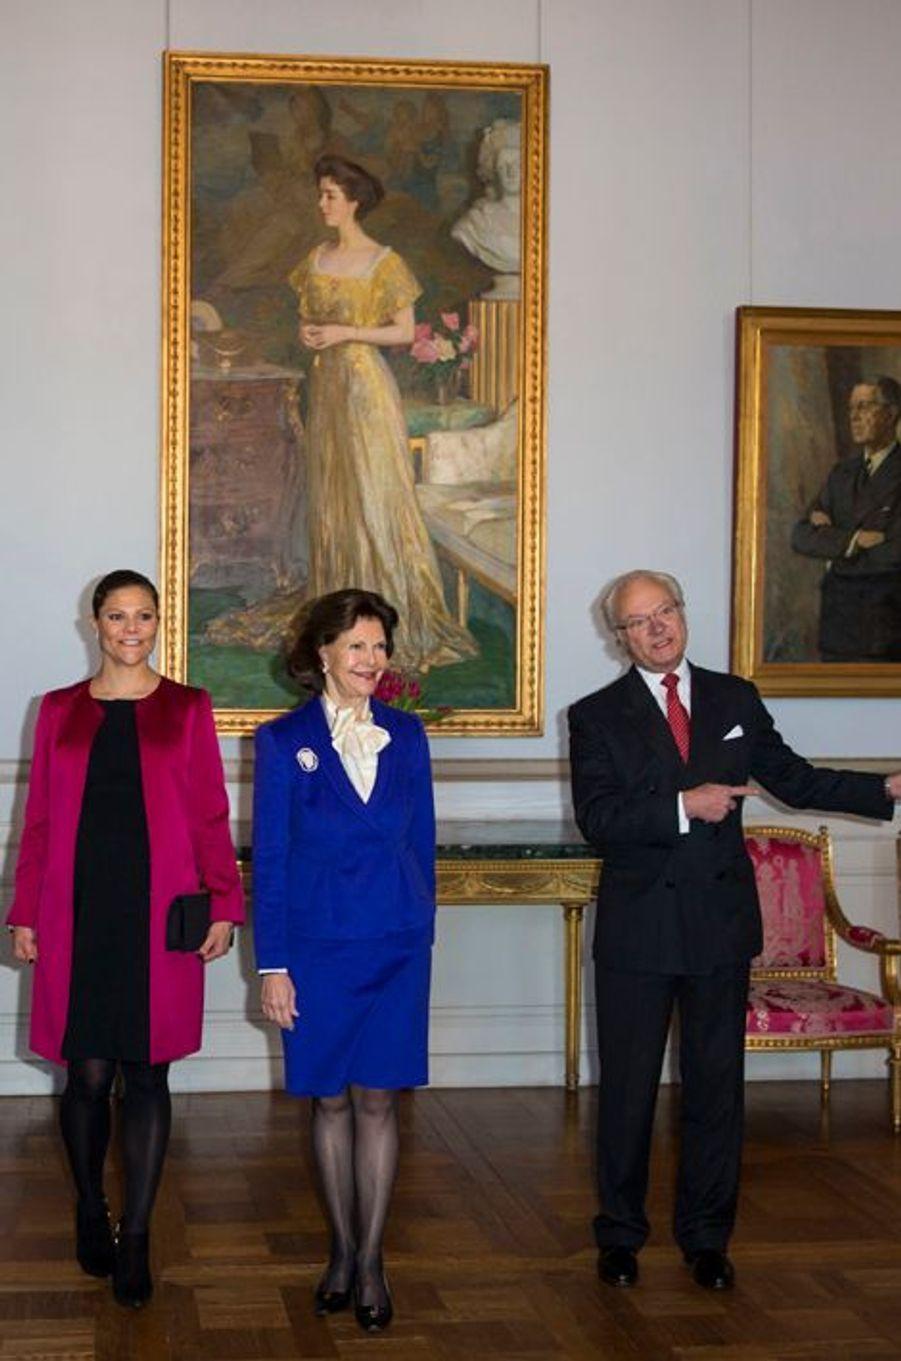 La princesse Victoria, la reine Silvia et le roi Carl XVI Gustaf de Suède au Palais royal à Stockholm le 22 janvier 2016